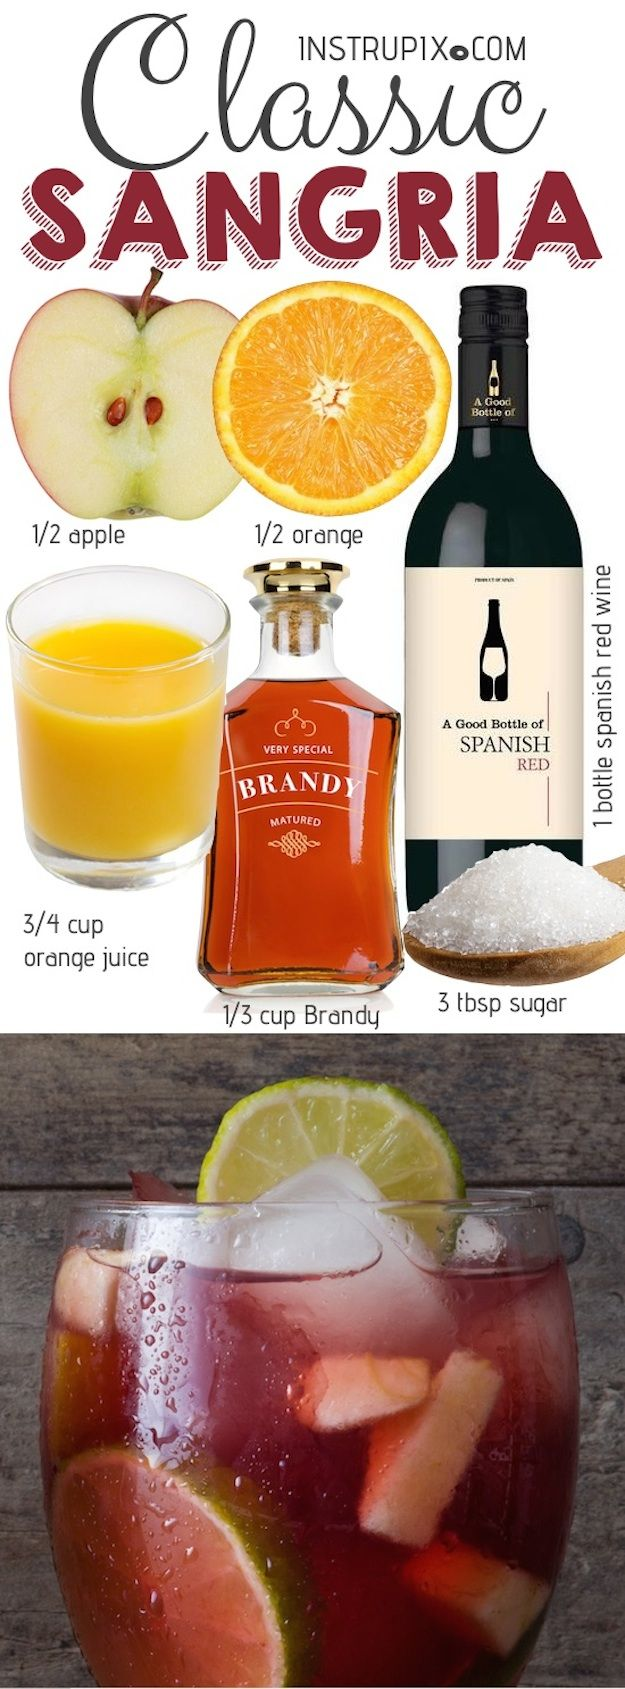 Easy Classic Red Sangria Recipe Sangria Recipes Red Sangria Recipes Easy Sangria Recipes